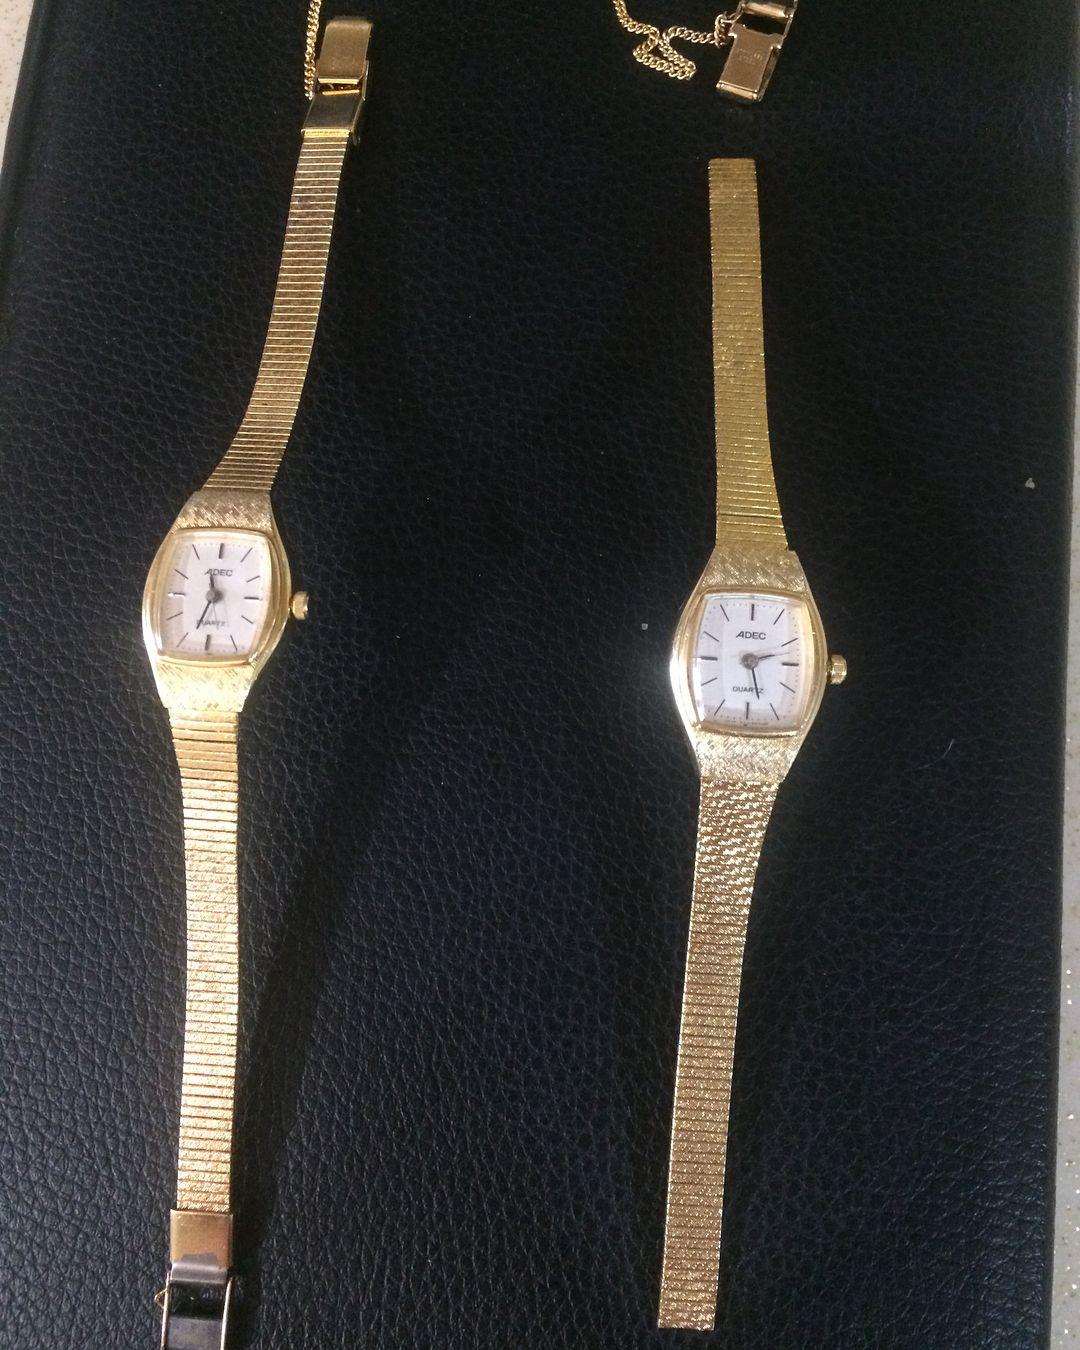 Satildi Adec Vintage Bayan Kol Saati Ikinci El Saatler Cok Istendigi Icin Satisa Sunmaya Karar Verdim Vintage Vintage In 2020 Cluse Watch Accessories Watches